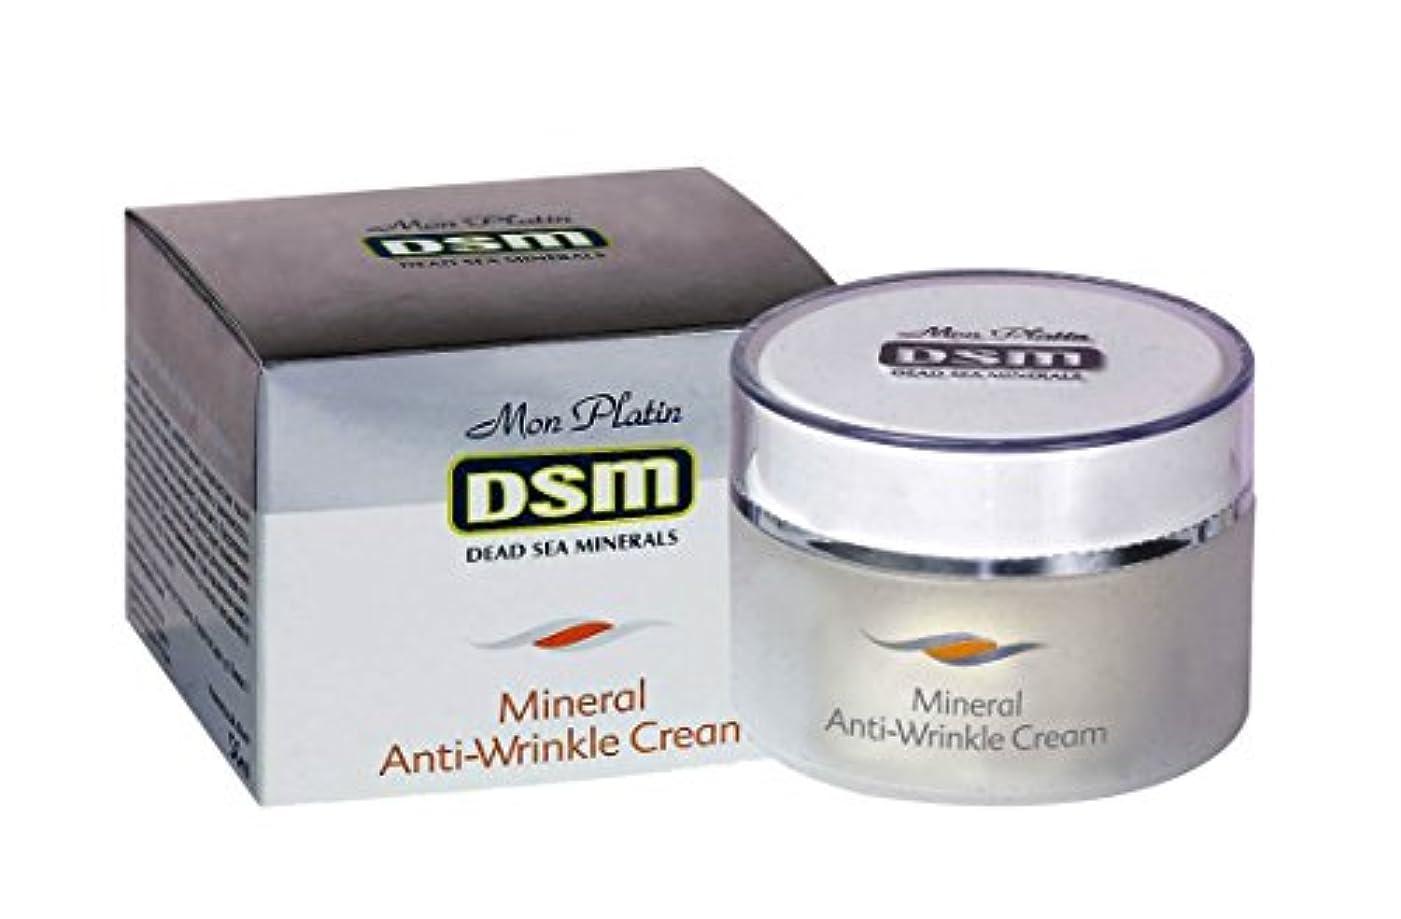 役割スキー裕福な純正イスラエル製しわ取り顔クリーム死海産 50mL (Anti-Wrinkle Cream)